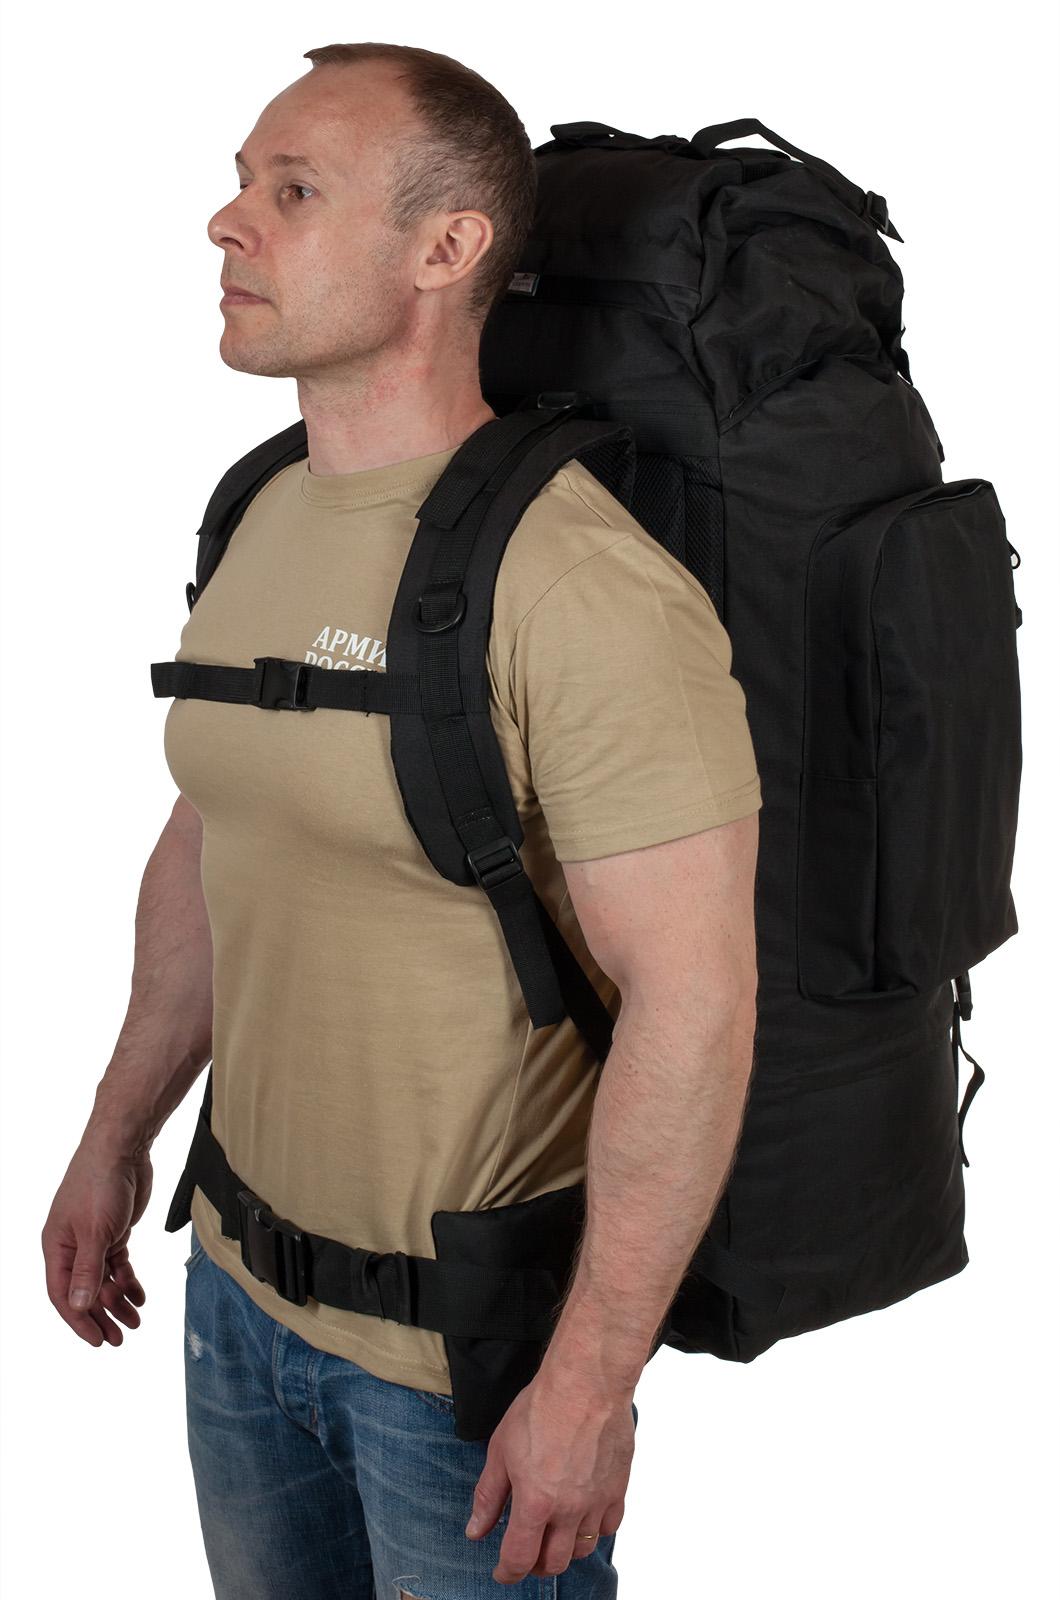 Многодневный вместительный рюкзак с нашивкой Потомственный Казак - купить выгодно